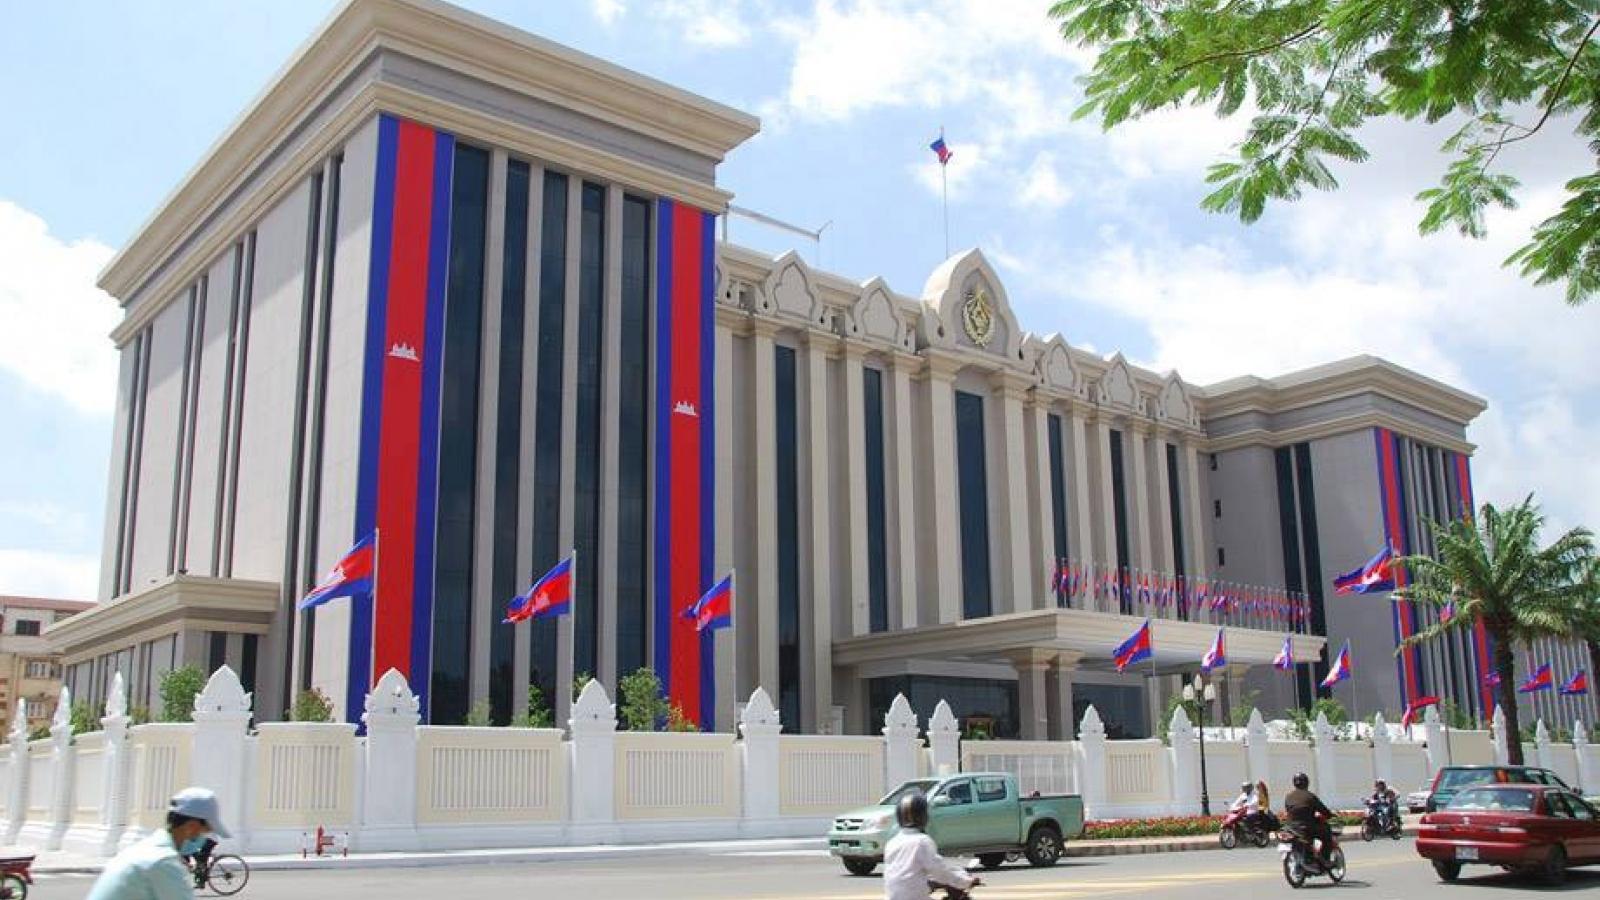 Campuchia miễn thuế 2 tháng với ngành du lịch và hàng không